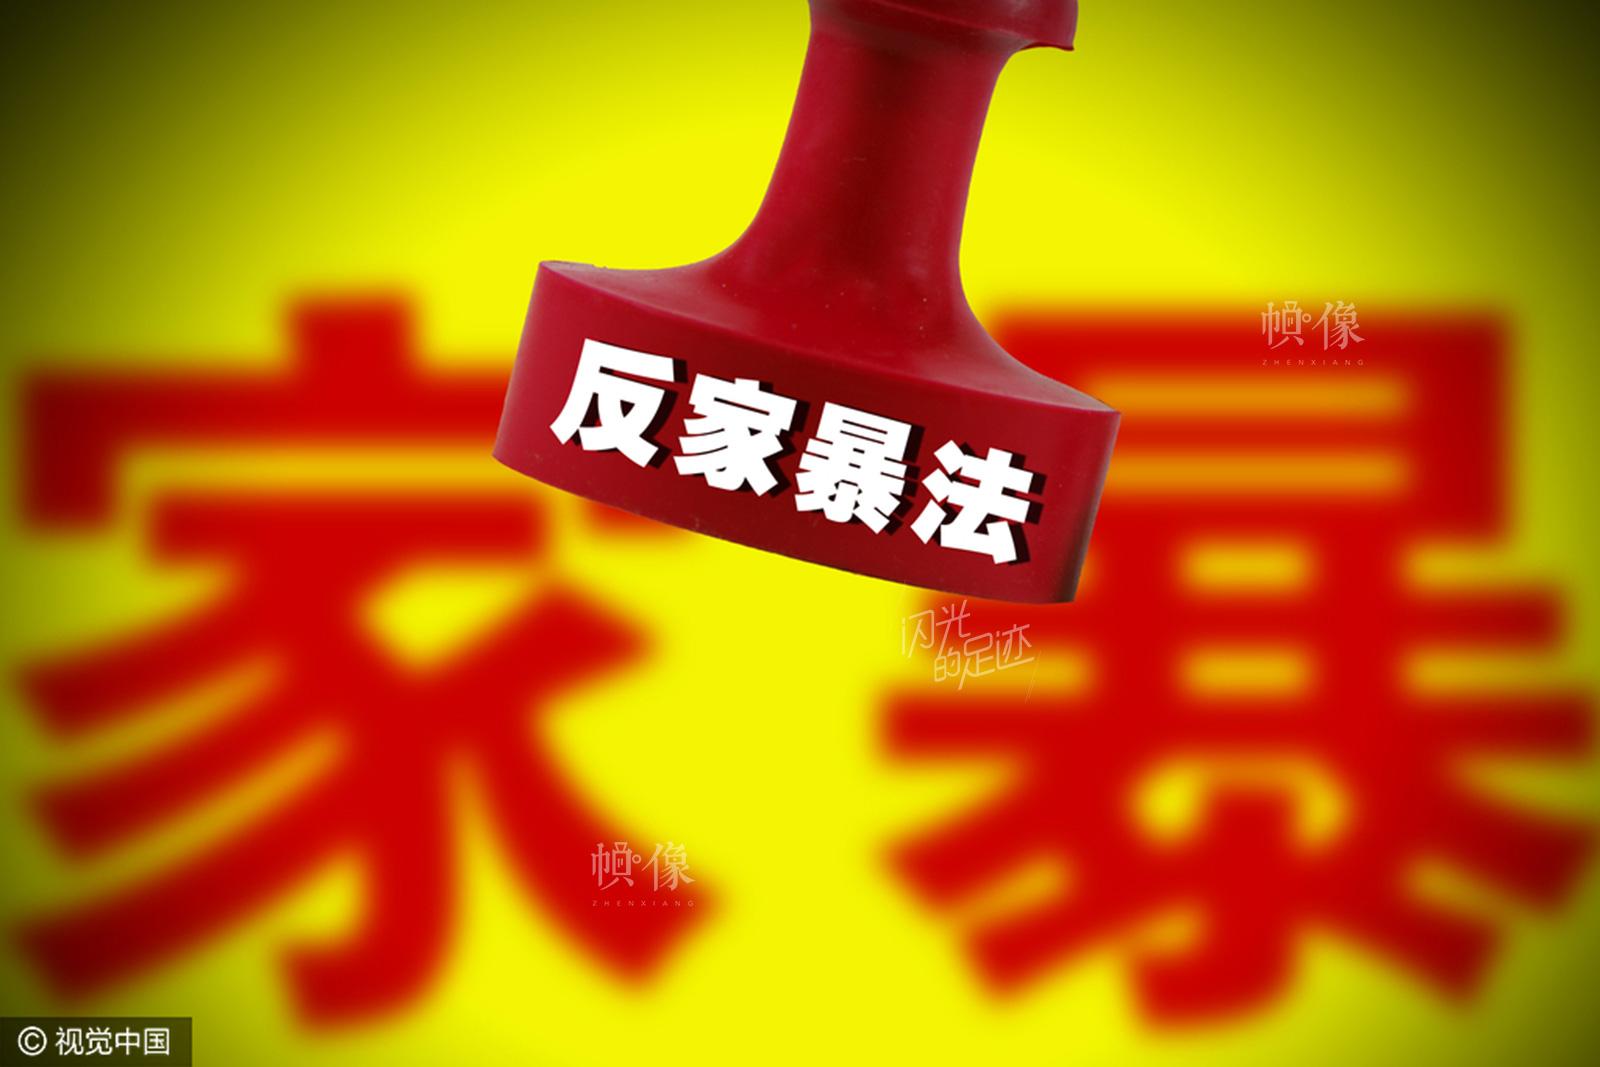 """2016年3月1日,《中华人民共和国反家庭暴力法》正式实施。作为中国首部反家暴法,该法律明确了家庭暴力的性质和法律责任,让清官难断的""""家务事""""有了国法可依。新法落地为遭受家暴之苦的受害人提供了有力保护,与此同时,如何拿起法律武器维权、有关部门如何有效执行法律条款,成为人们关注焦点。(视觉中国)"""